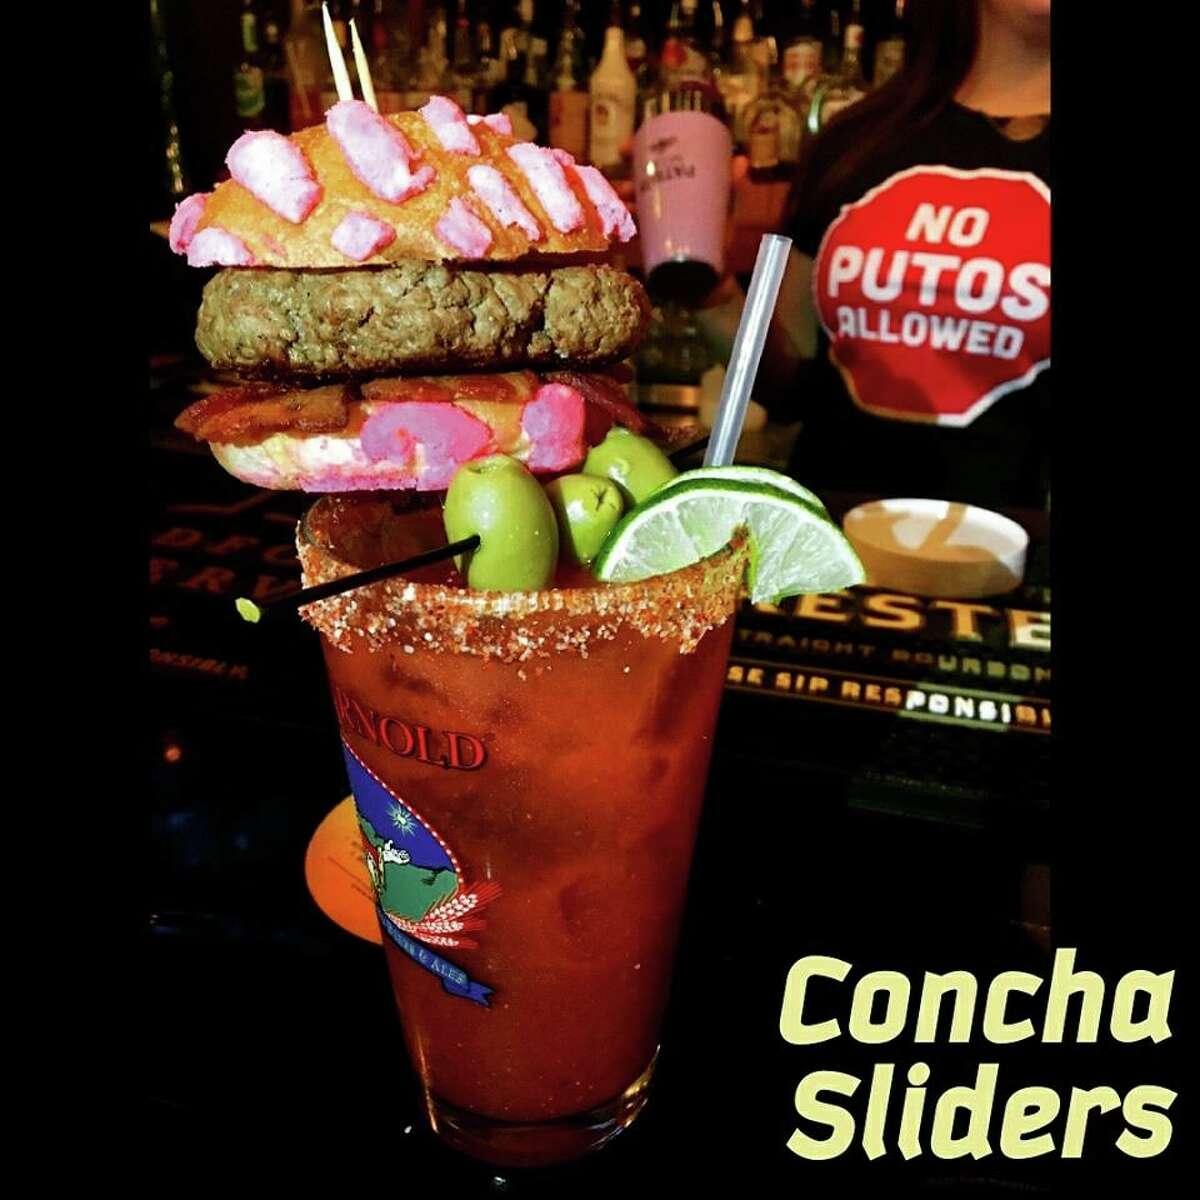 Michelada with concha slider from The Bang Bang Bar.